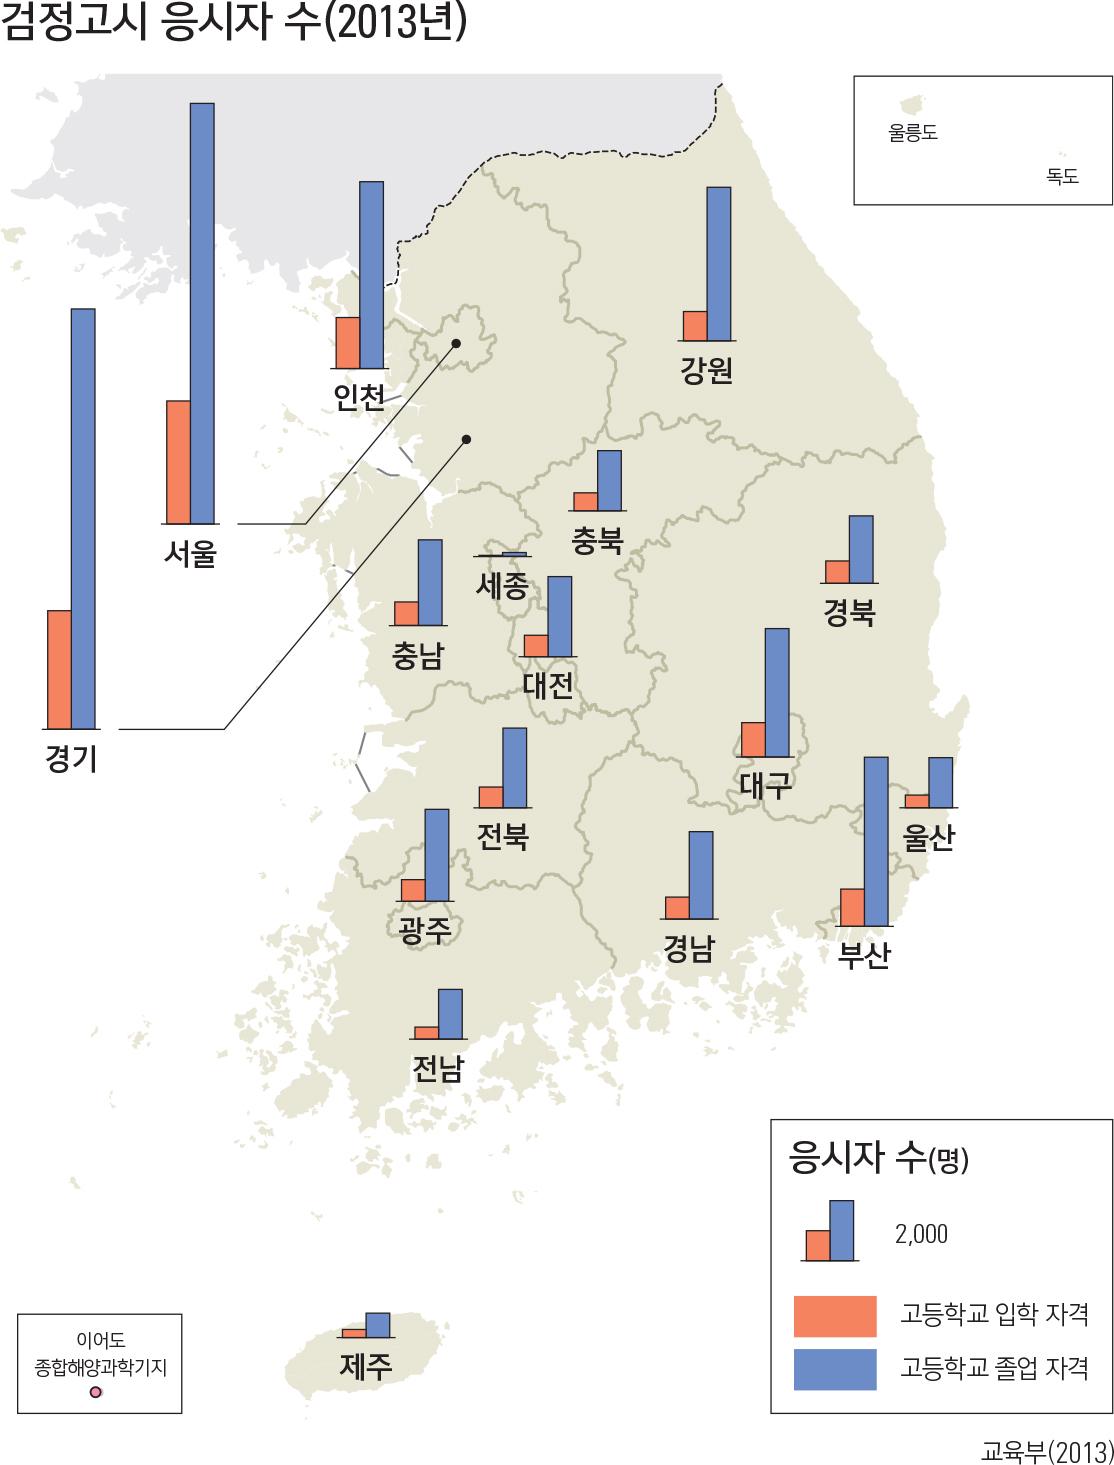 검정고시 응시자 수(2013년)